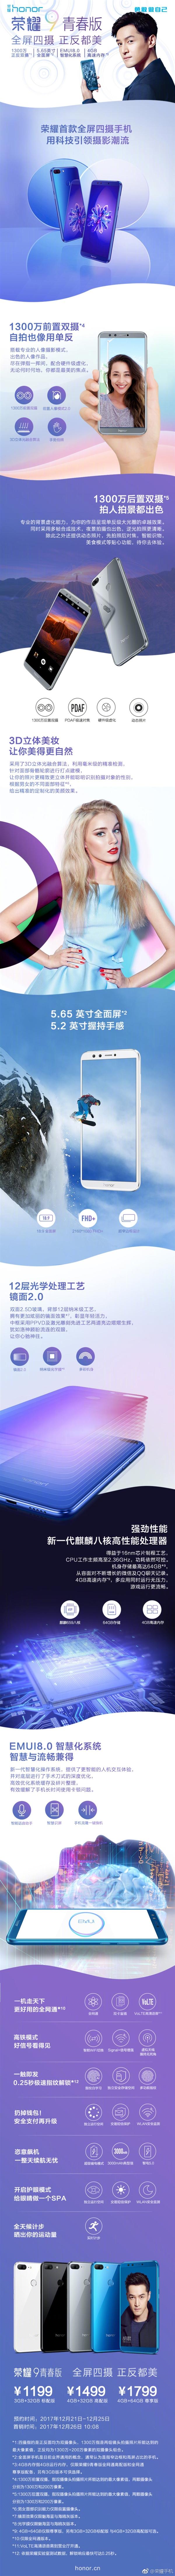 1199元!一张图看懂荣耀9青春版:四摄全面屏/安卓8.0